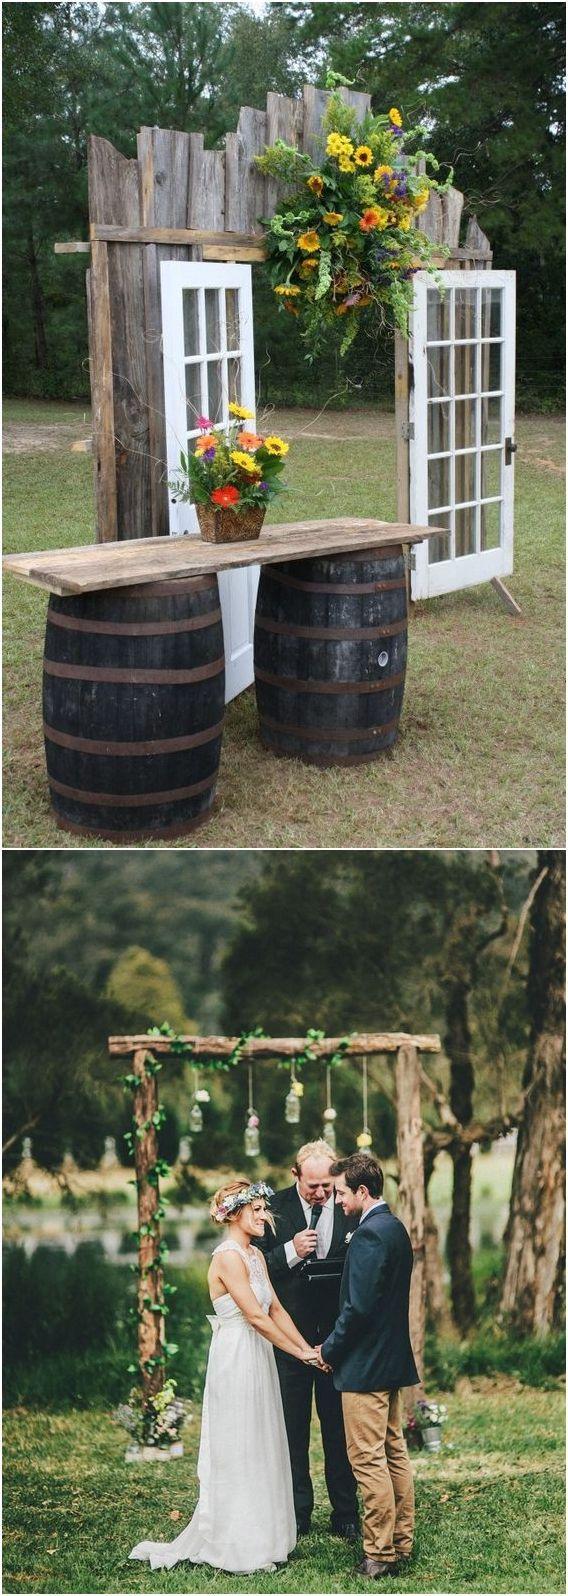 Rustic wedding arches u alter wedding ideas